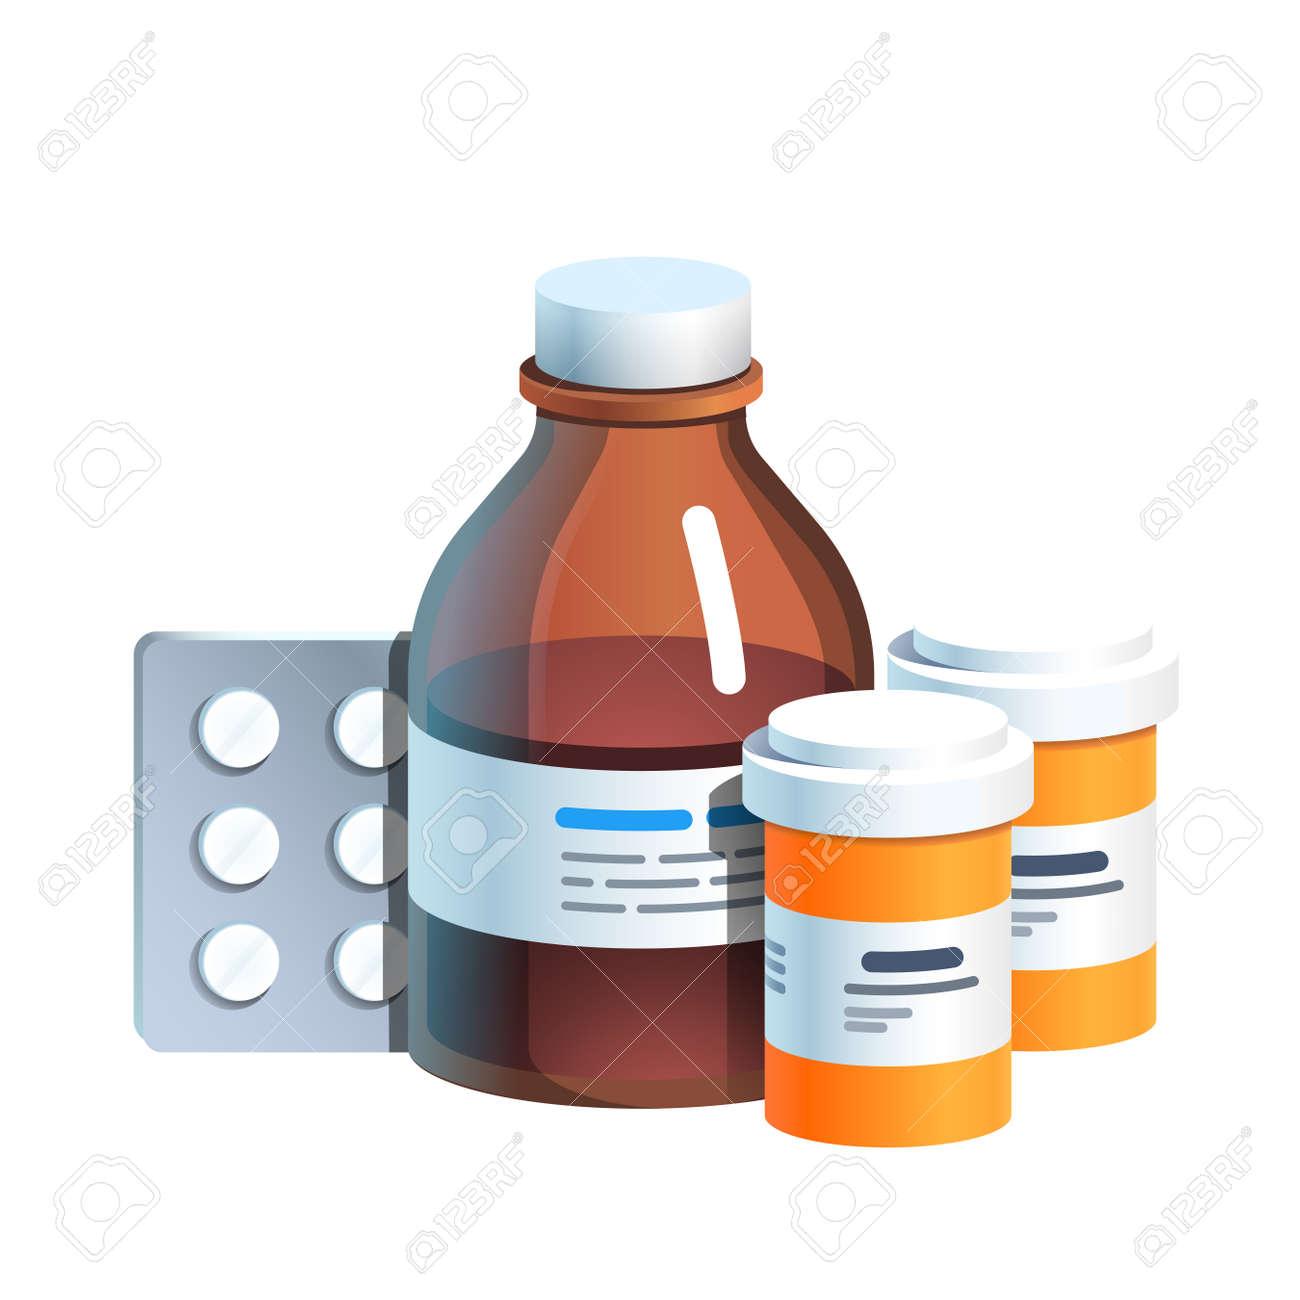 Meds, pill blister, glass bottle with medicine - 153266858